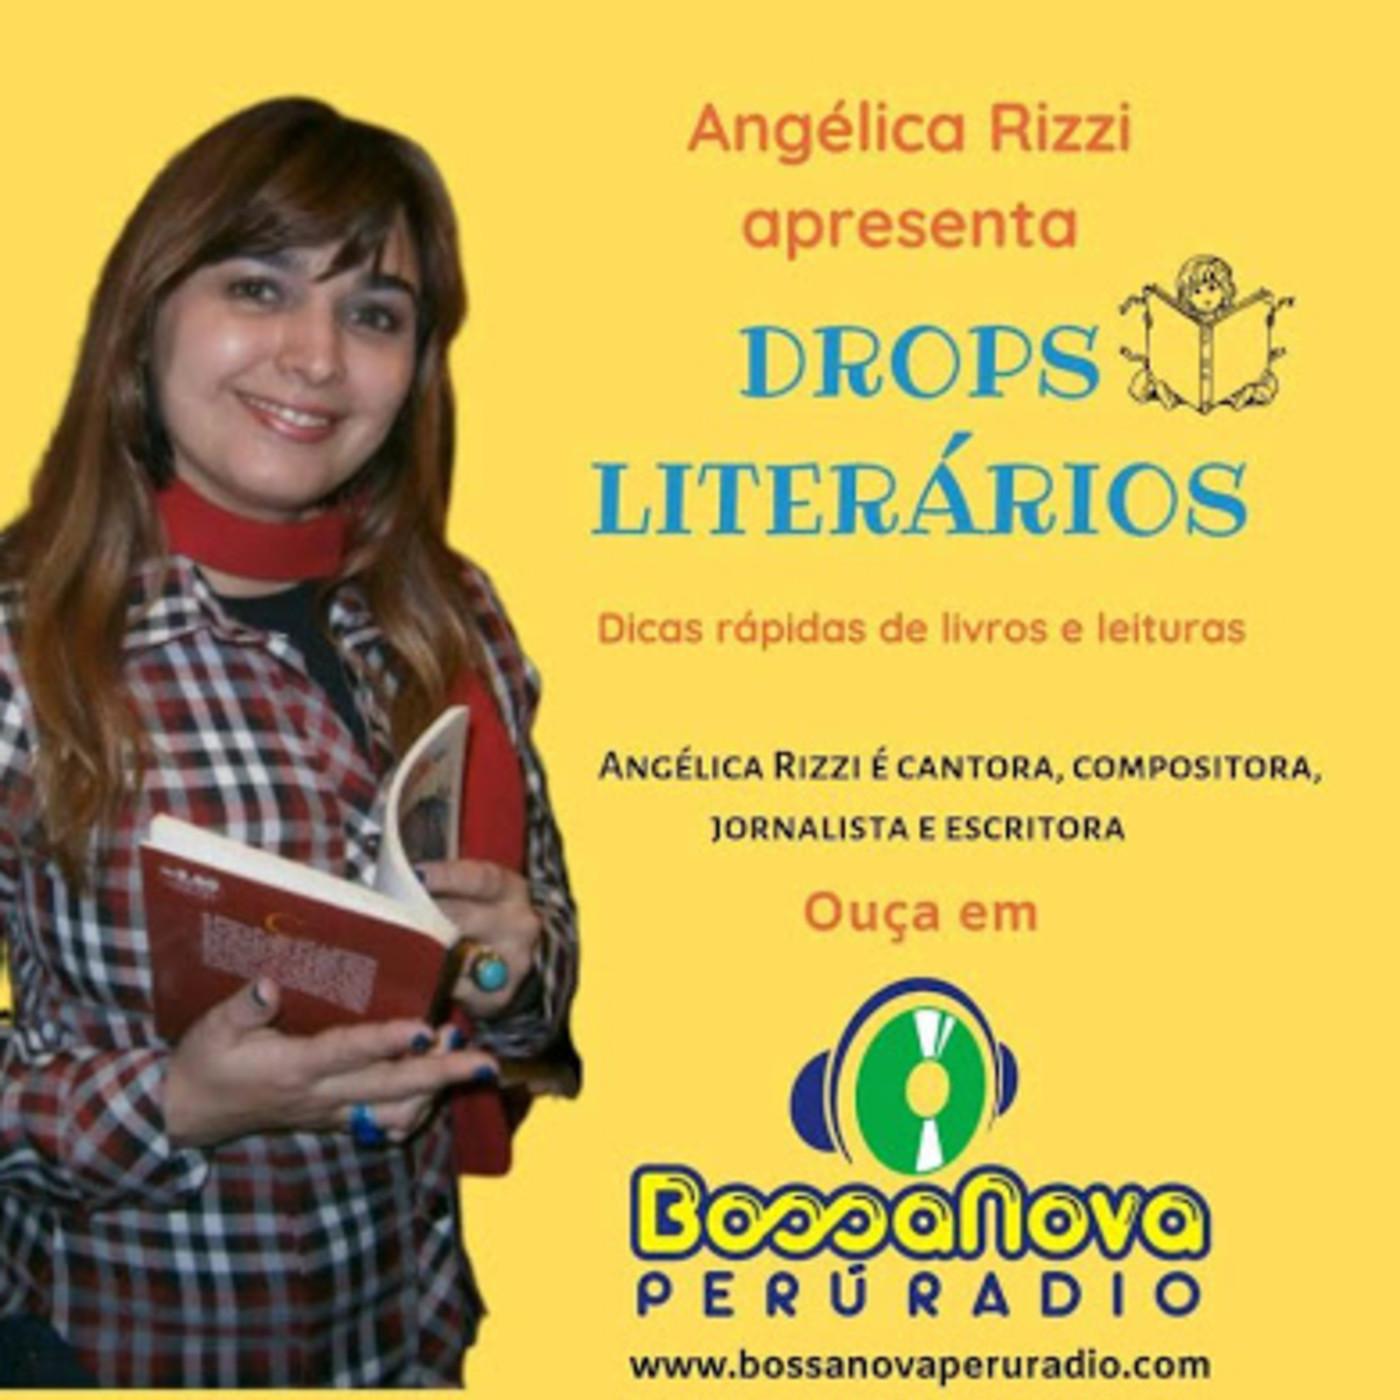 Drops literários com Angélica Rizzi apresentando Mario Quintana